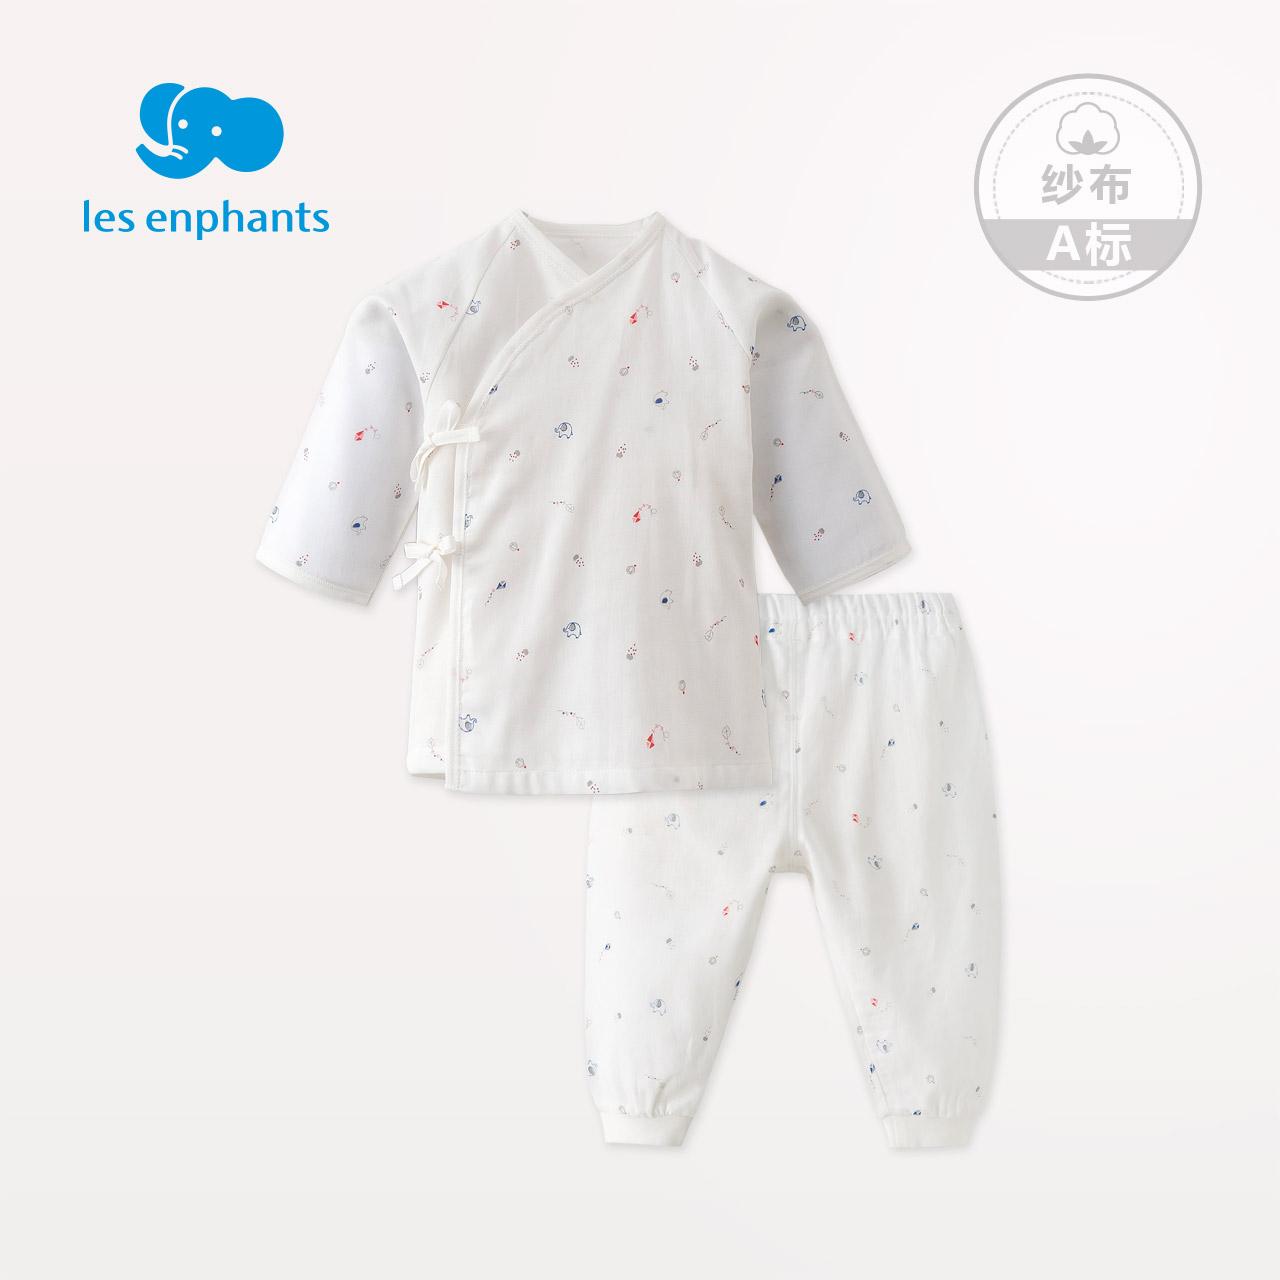 丽婴房婴儿衣服婴儿秋装系带内衣套装男女宝宝秋内衣套装 2018秋